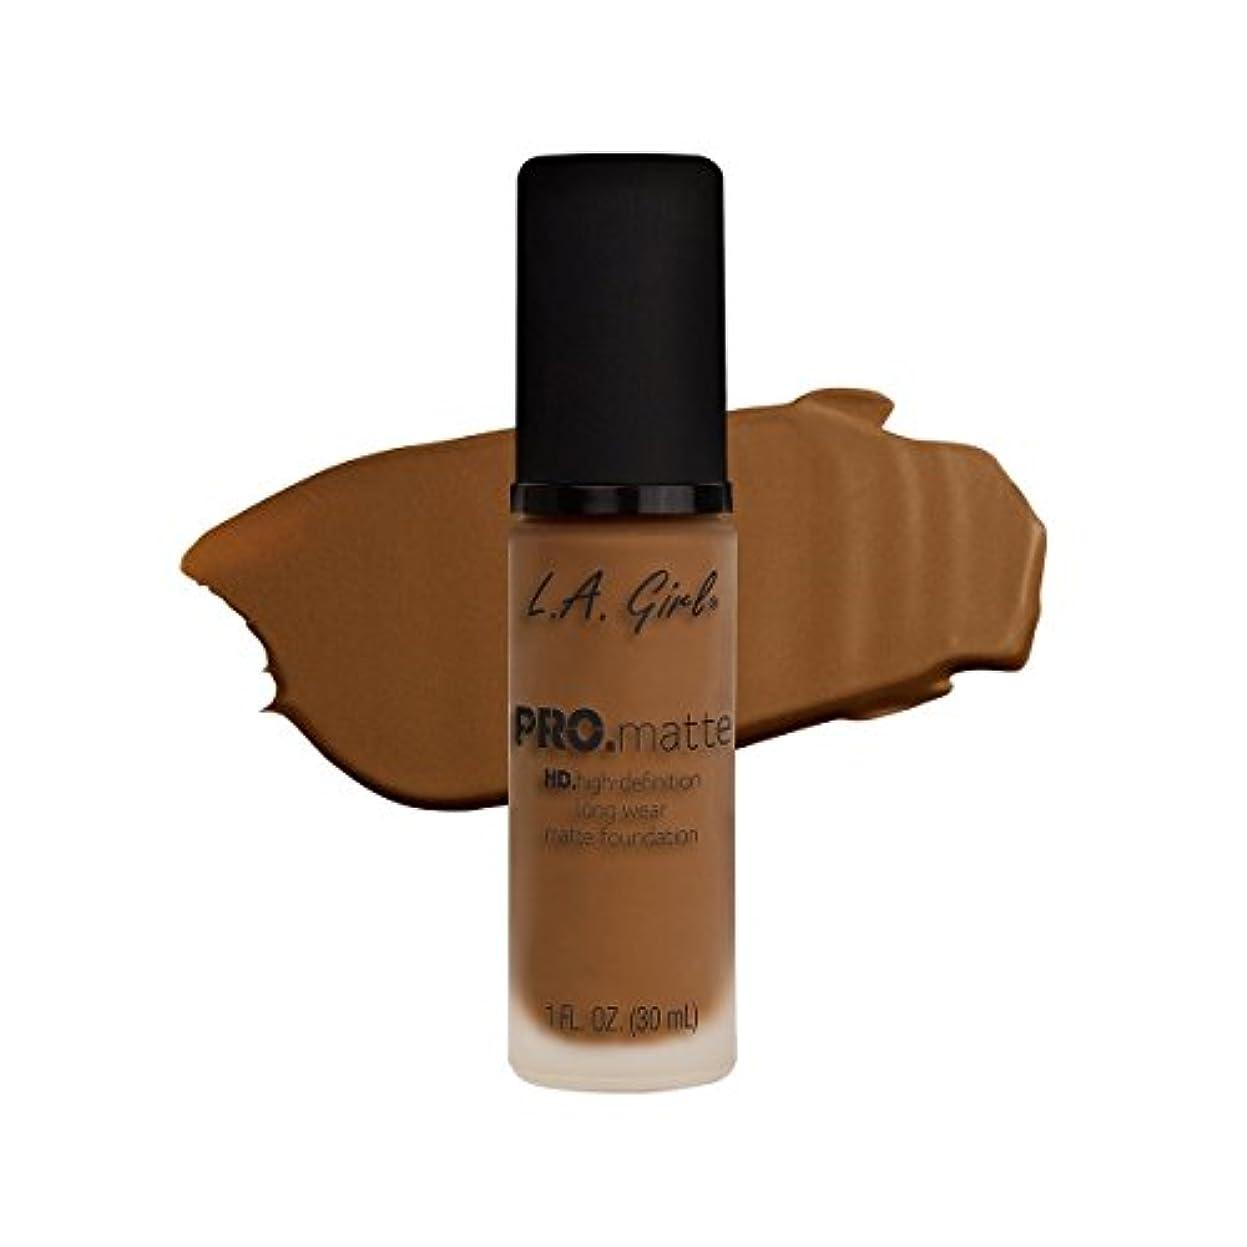 魂養うトロリー(6 Pack) L.A. GIRL Pro Matte Foundation - Nutmeg (並行輸入品)